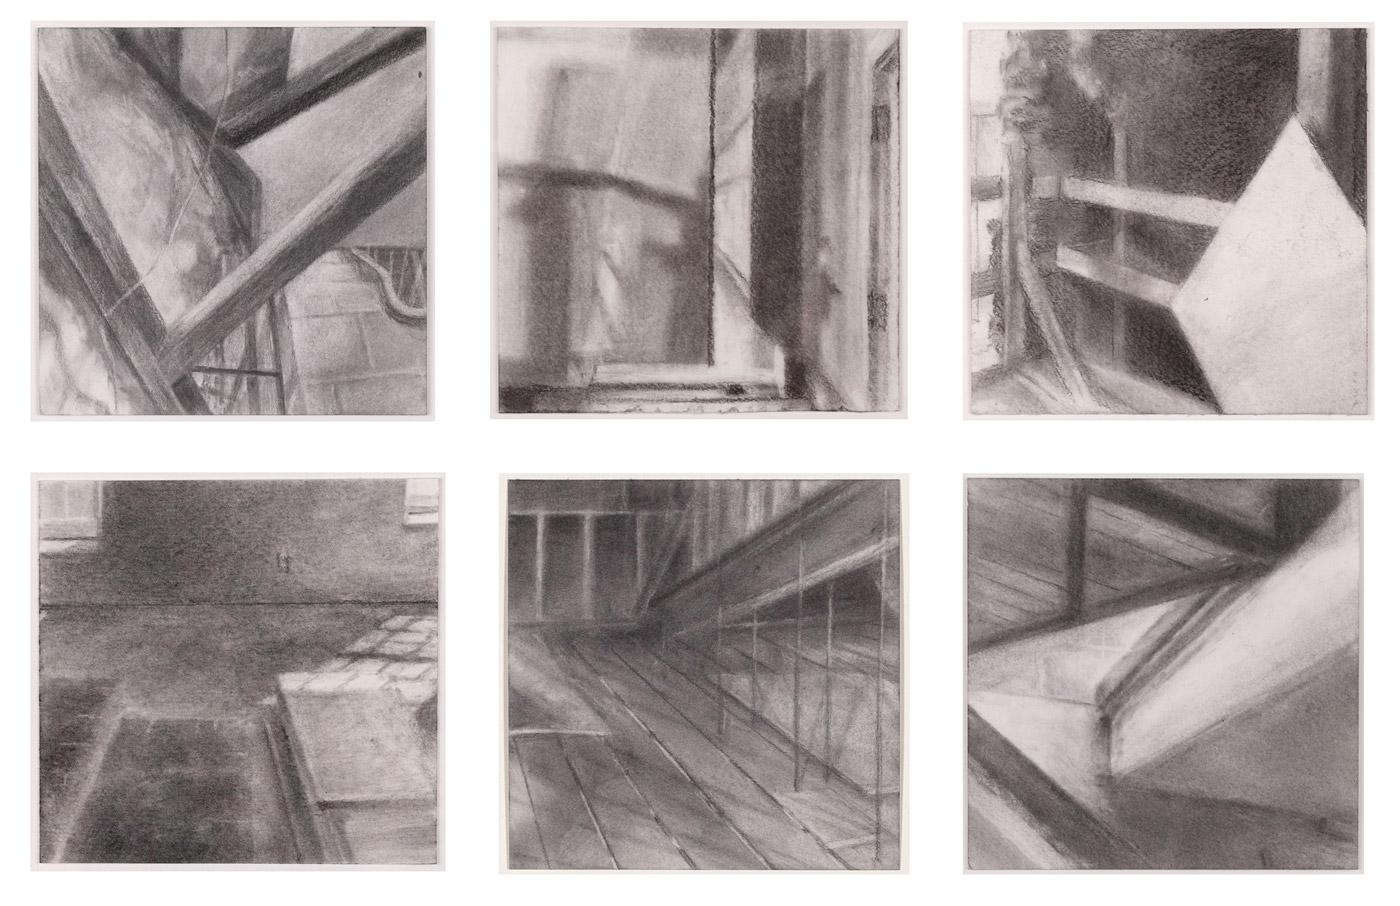 Feigenbaum Building Studies,  2016 graphite powder on paper, 4 x 4 in each